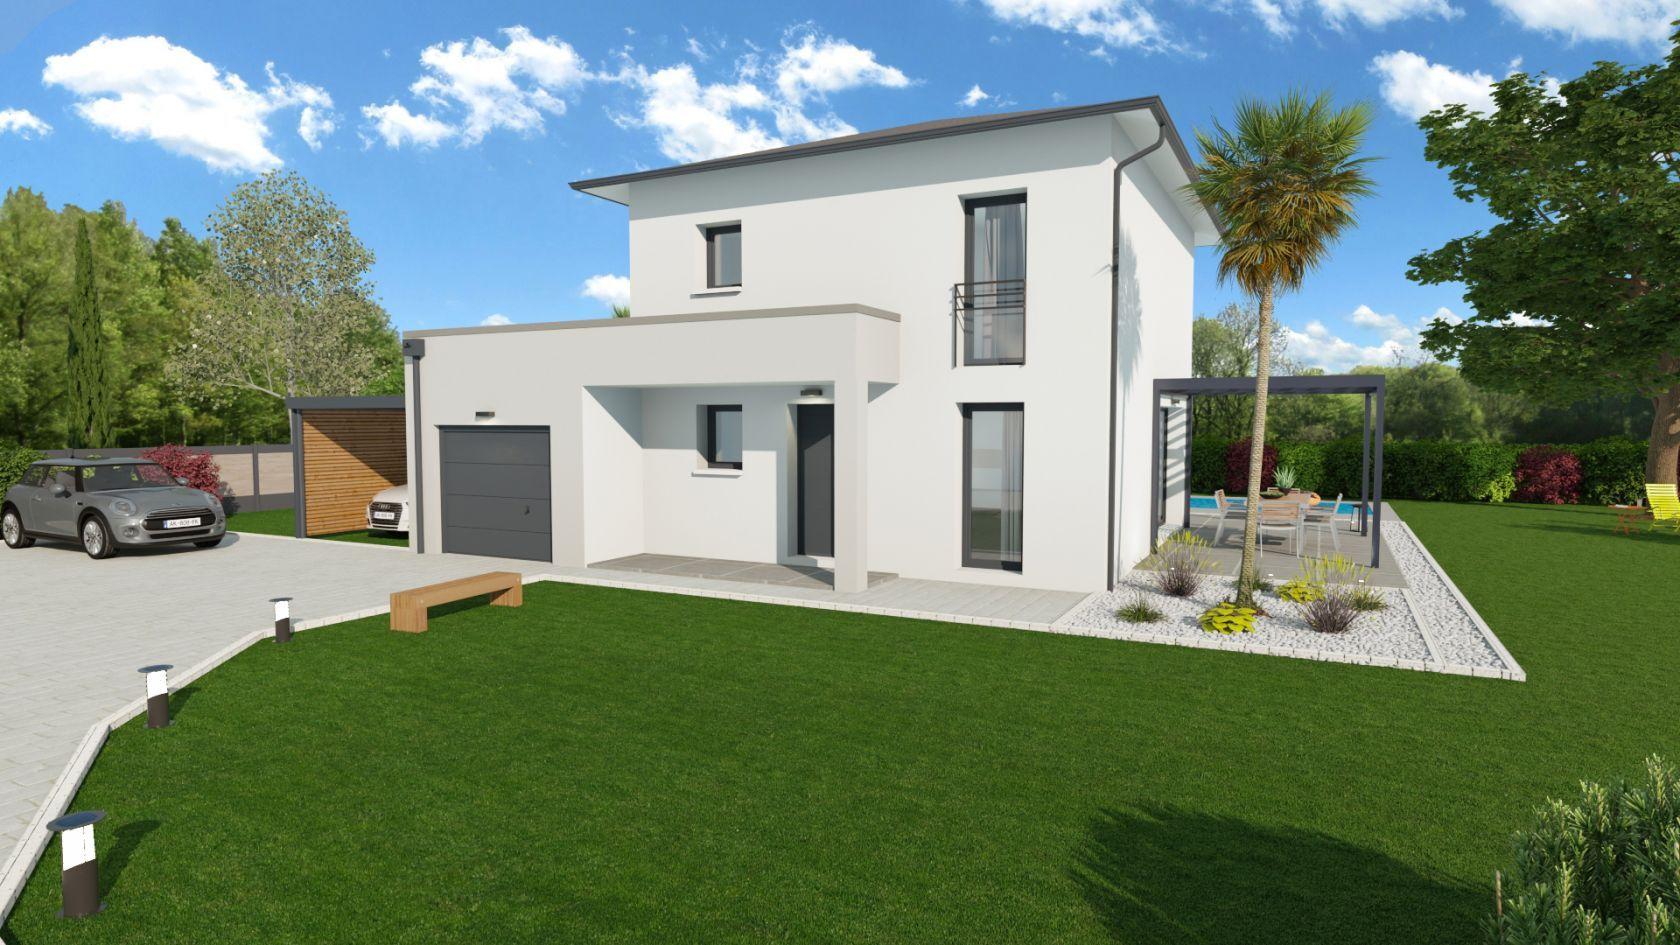 Maison 84.6 m² avec terrain à SAINTE-ANNE-SUR-GERVONDE (38) 1